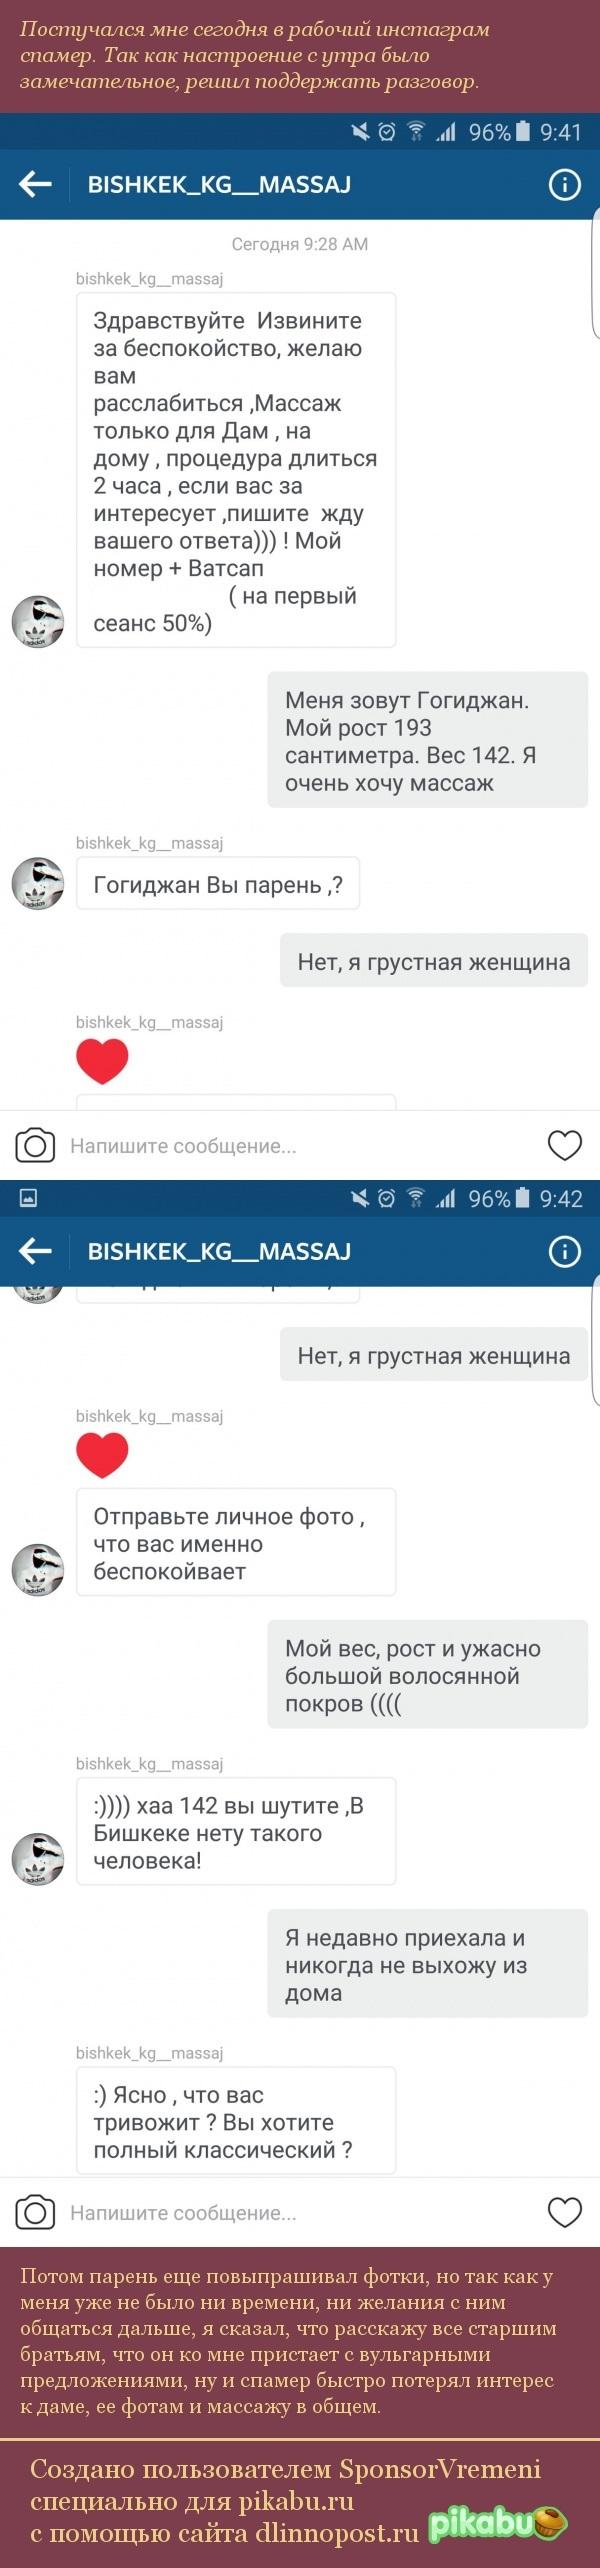 Грустная женщина Спам, Массаж, Instagram, Грустное, Женщина, Длиннопост